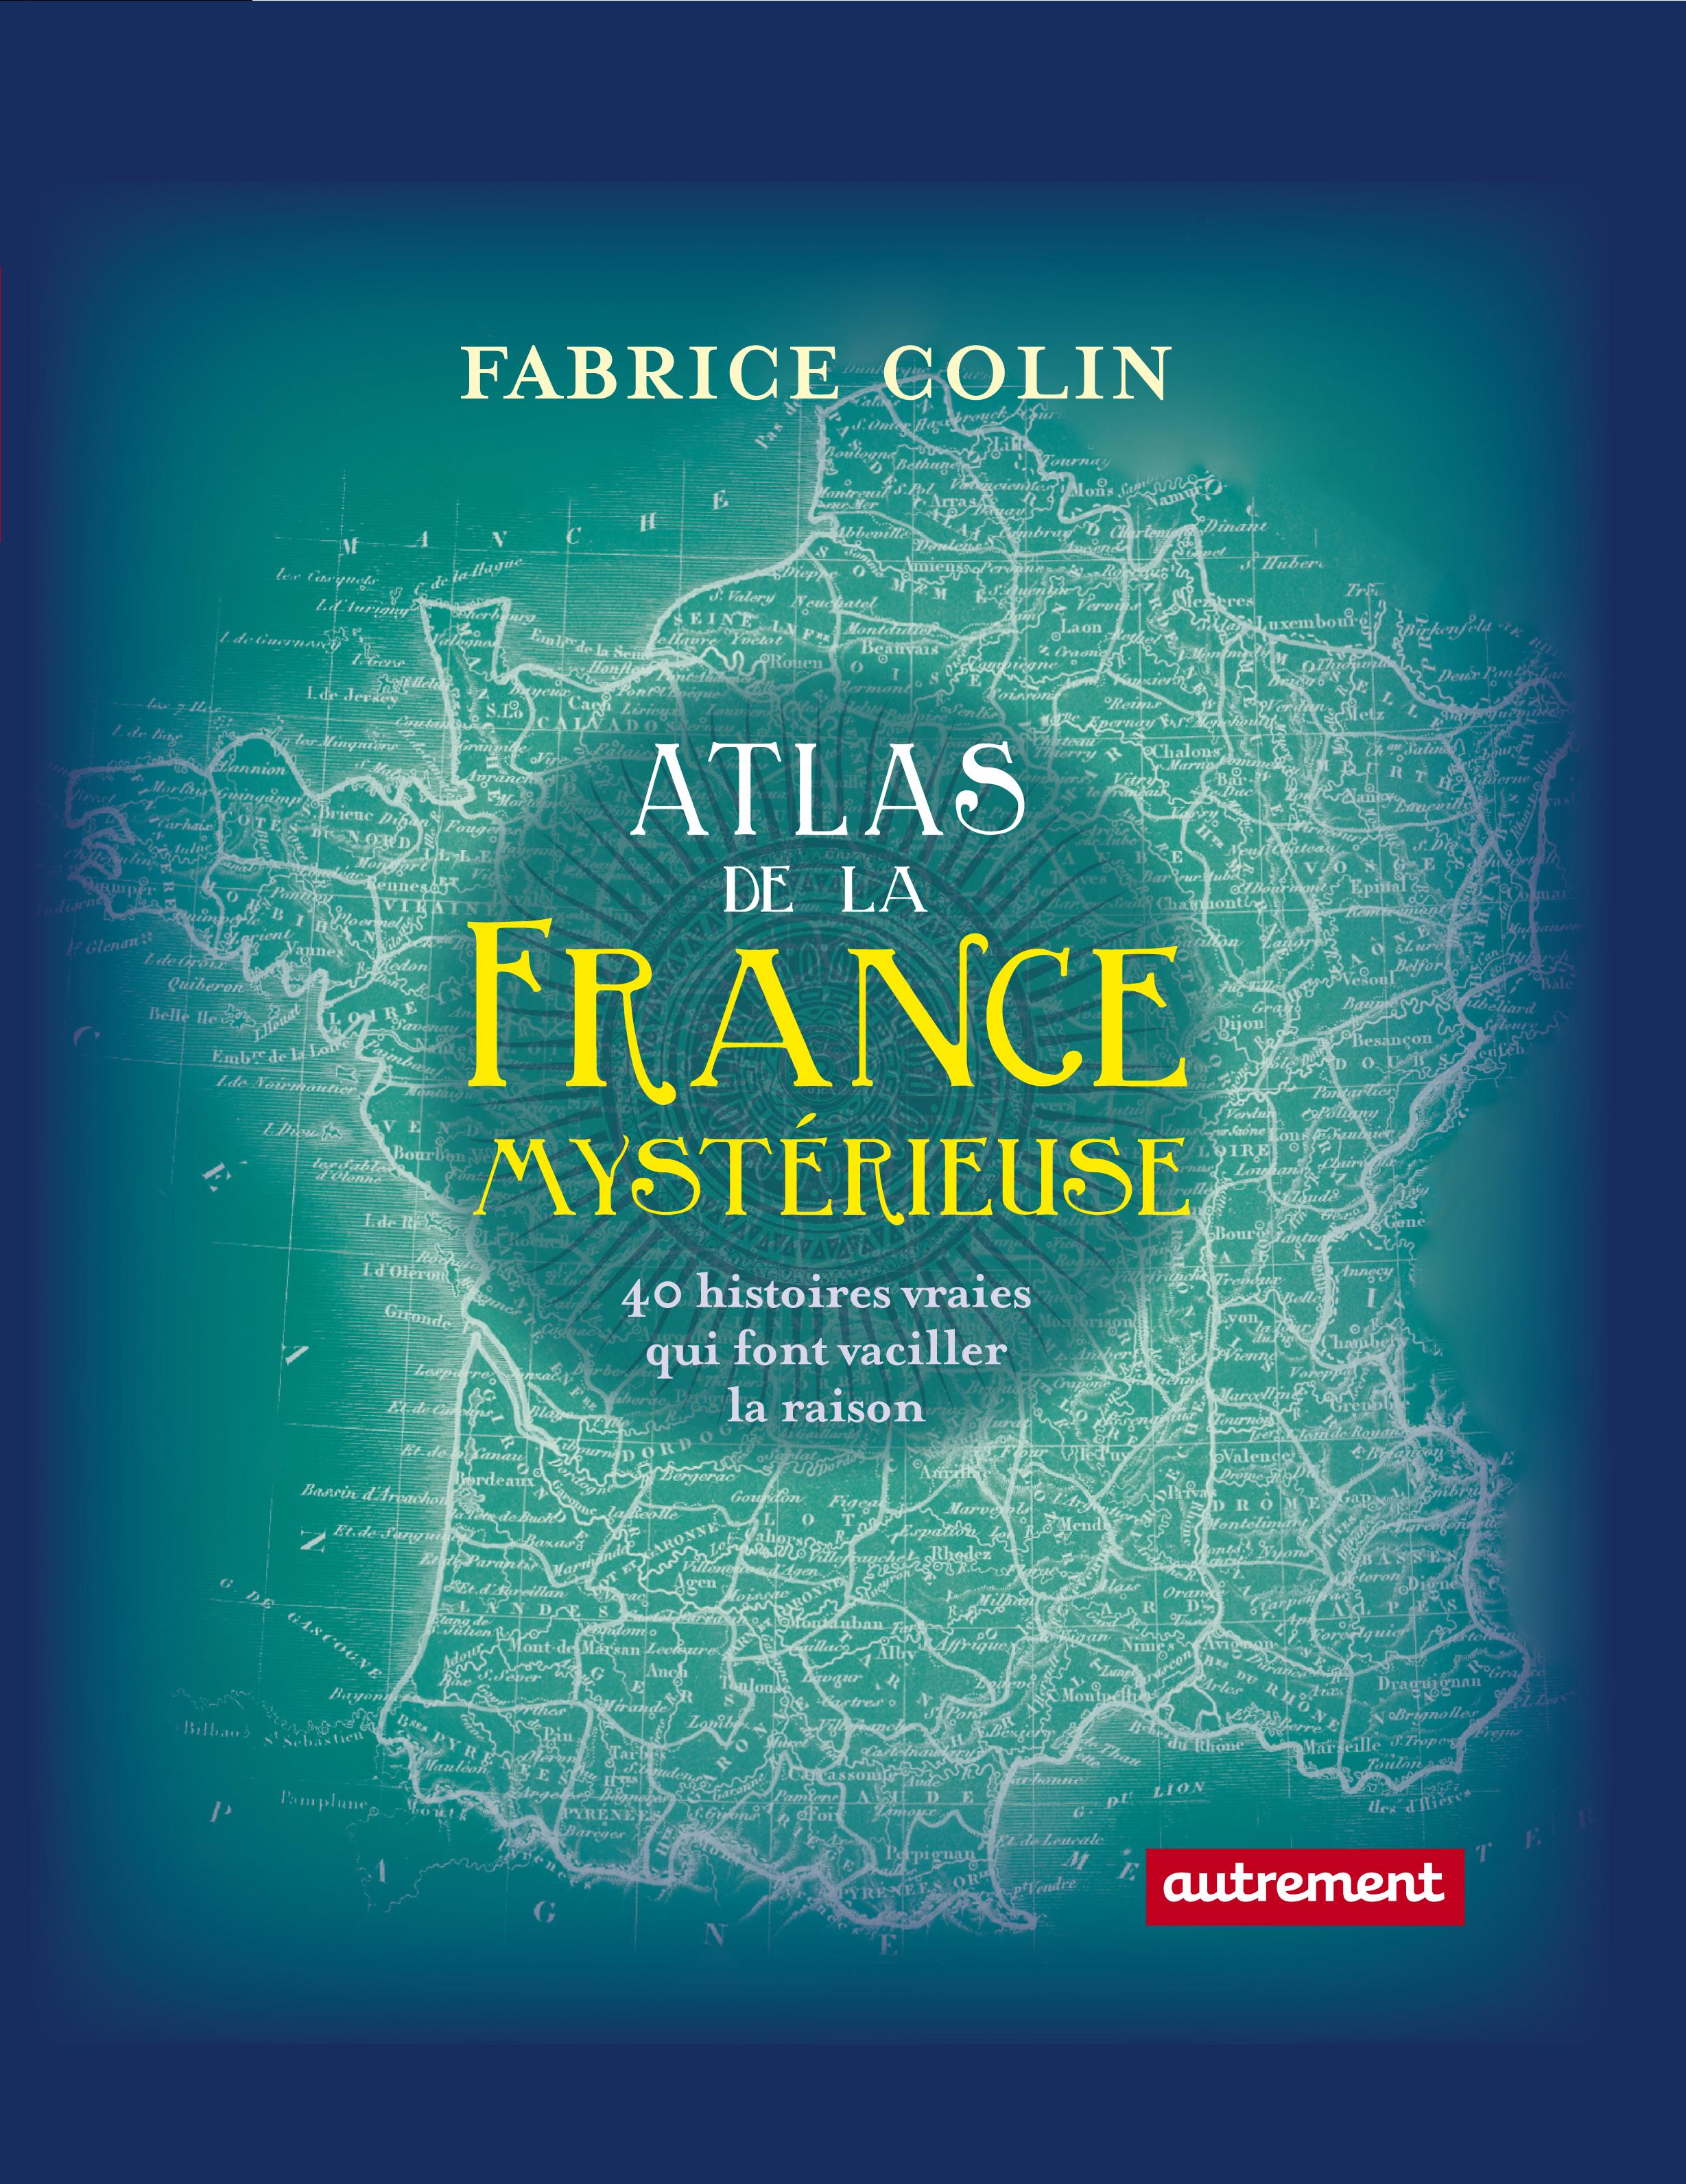 Atlas de la France mystérieuse. 40 histoires vraies qui font vaciller la raison